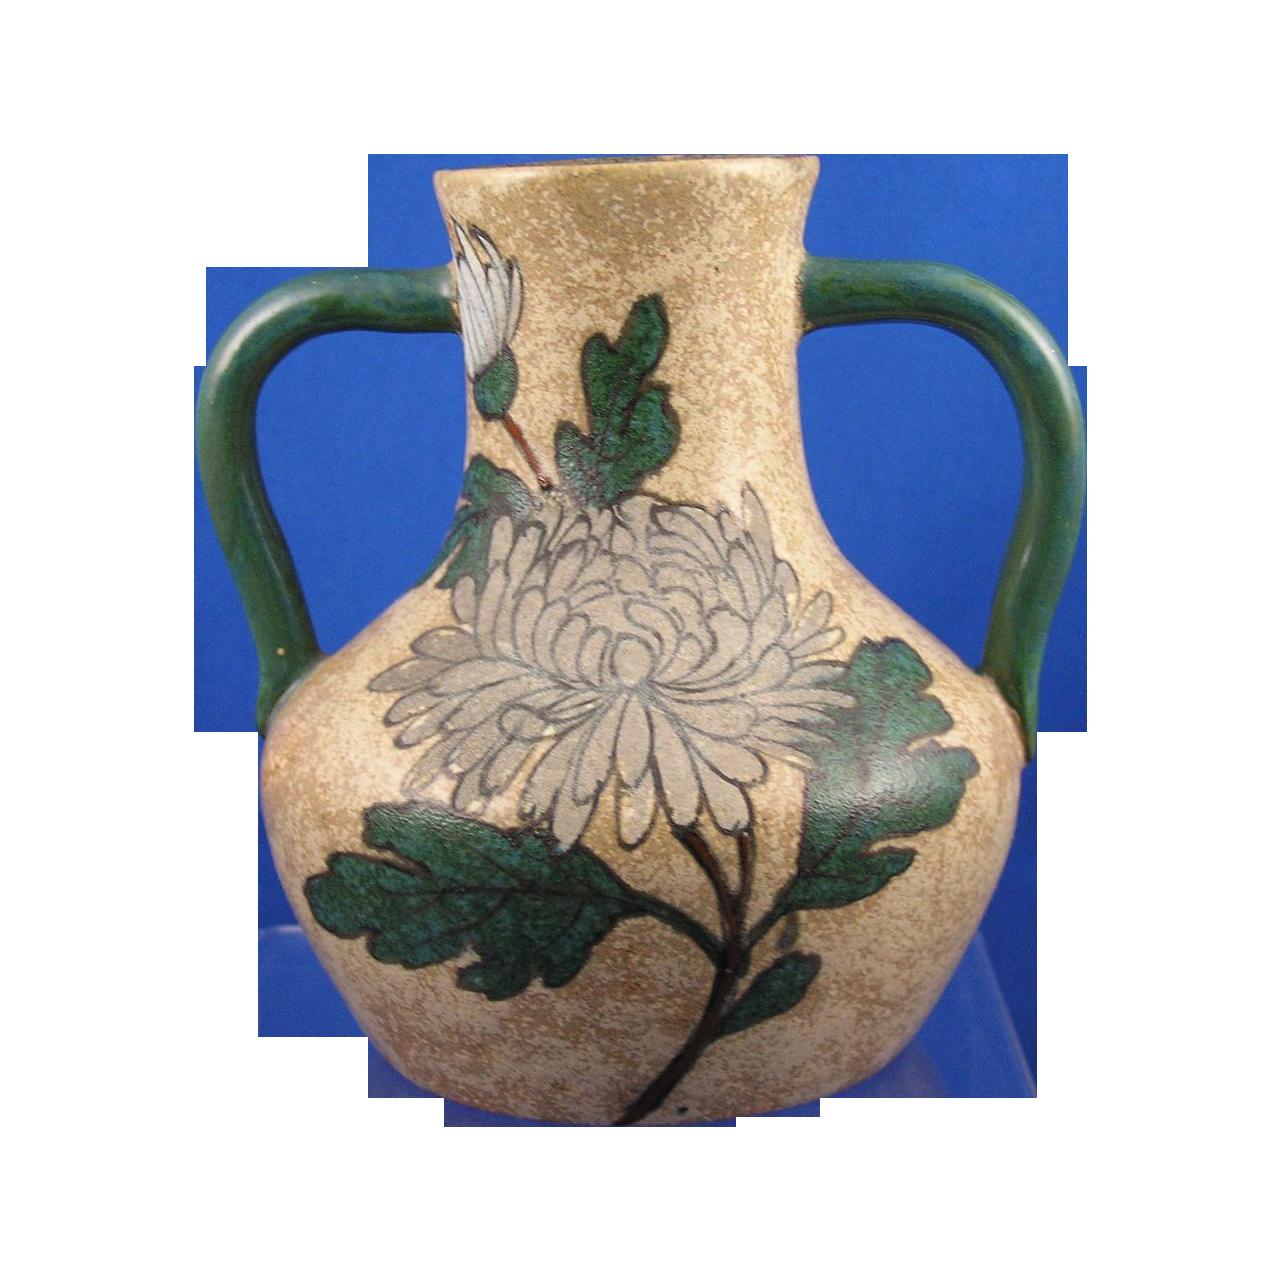 Stellmacher Amphora Austria Arts & Crafts Mum Motif Handled Vase (c.1905-1910)